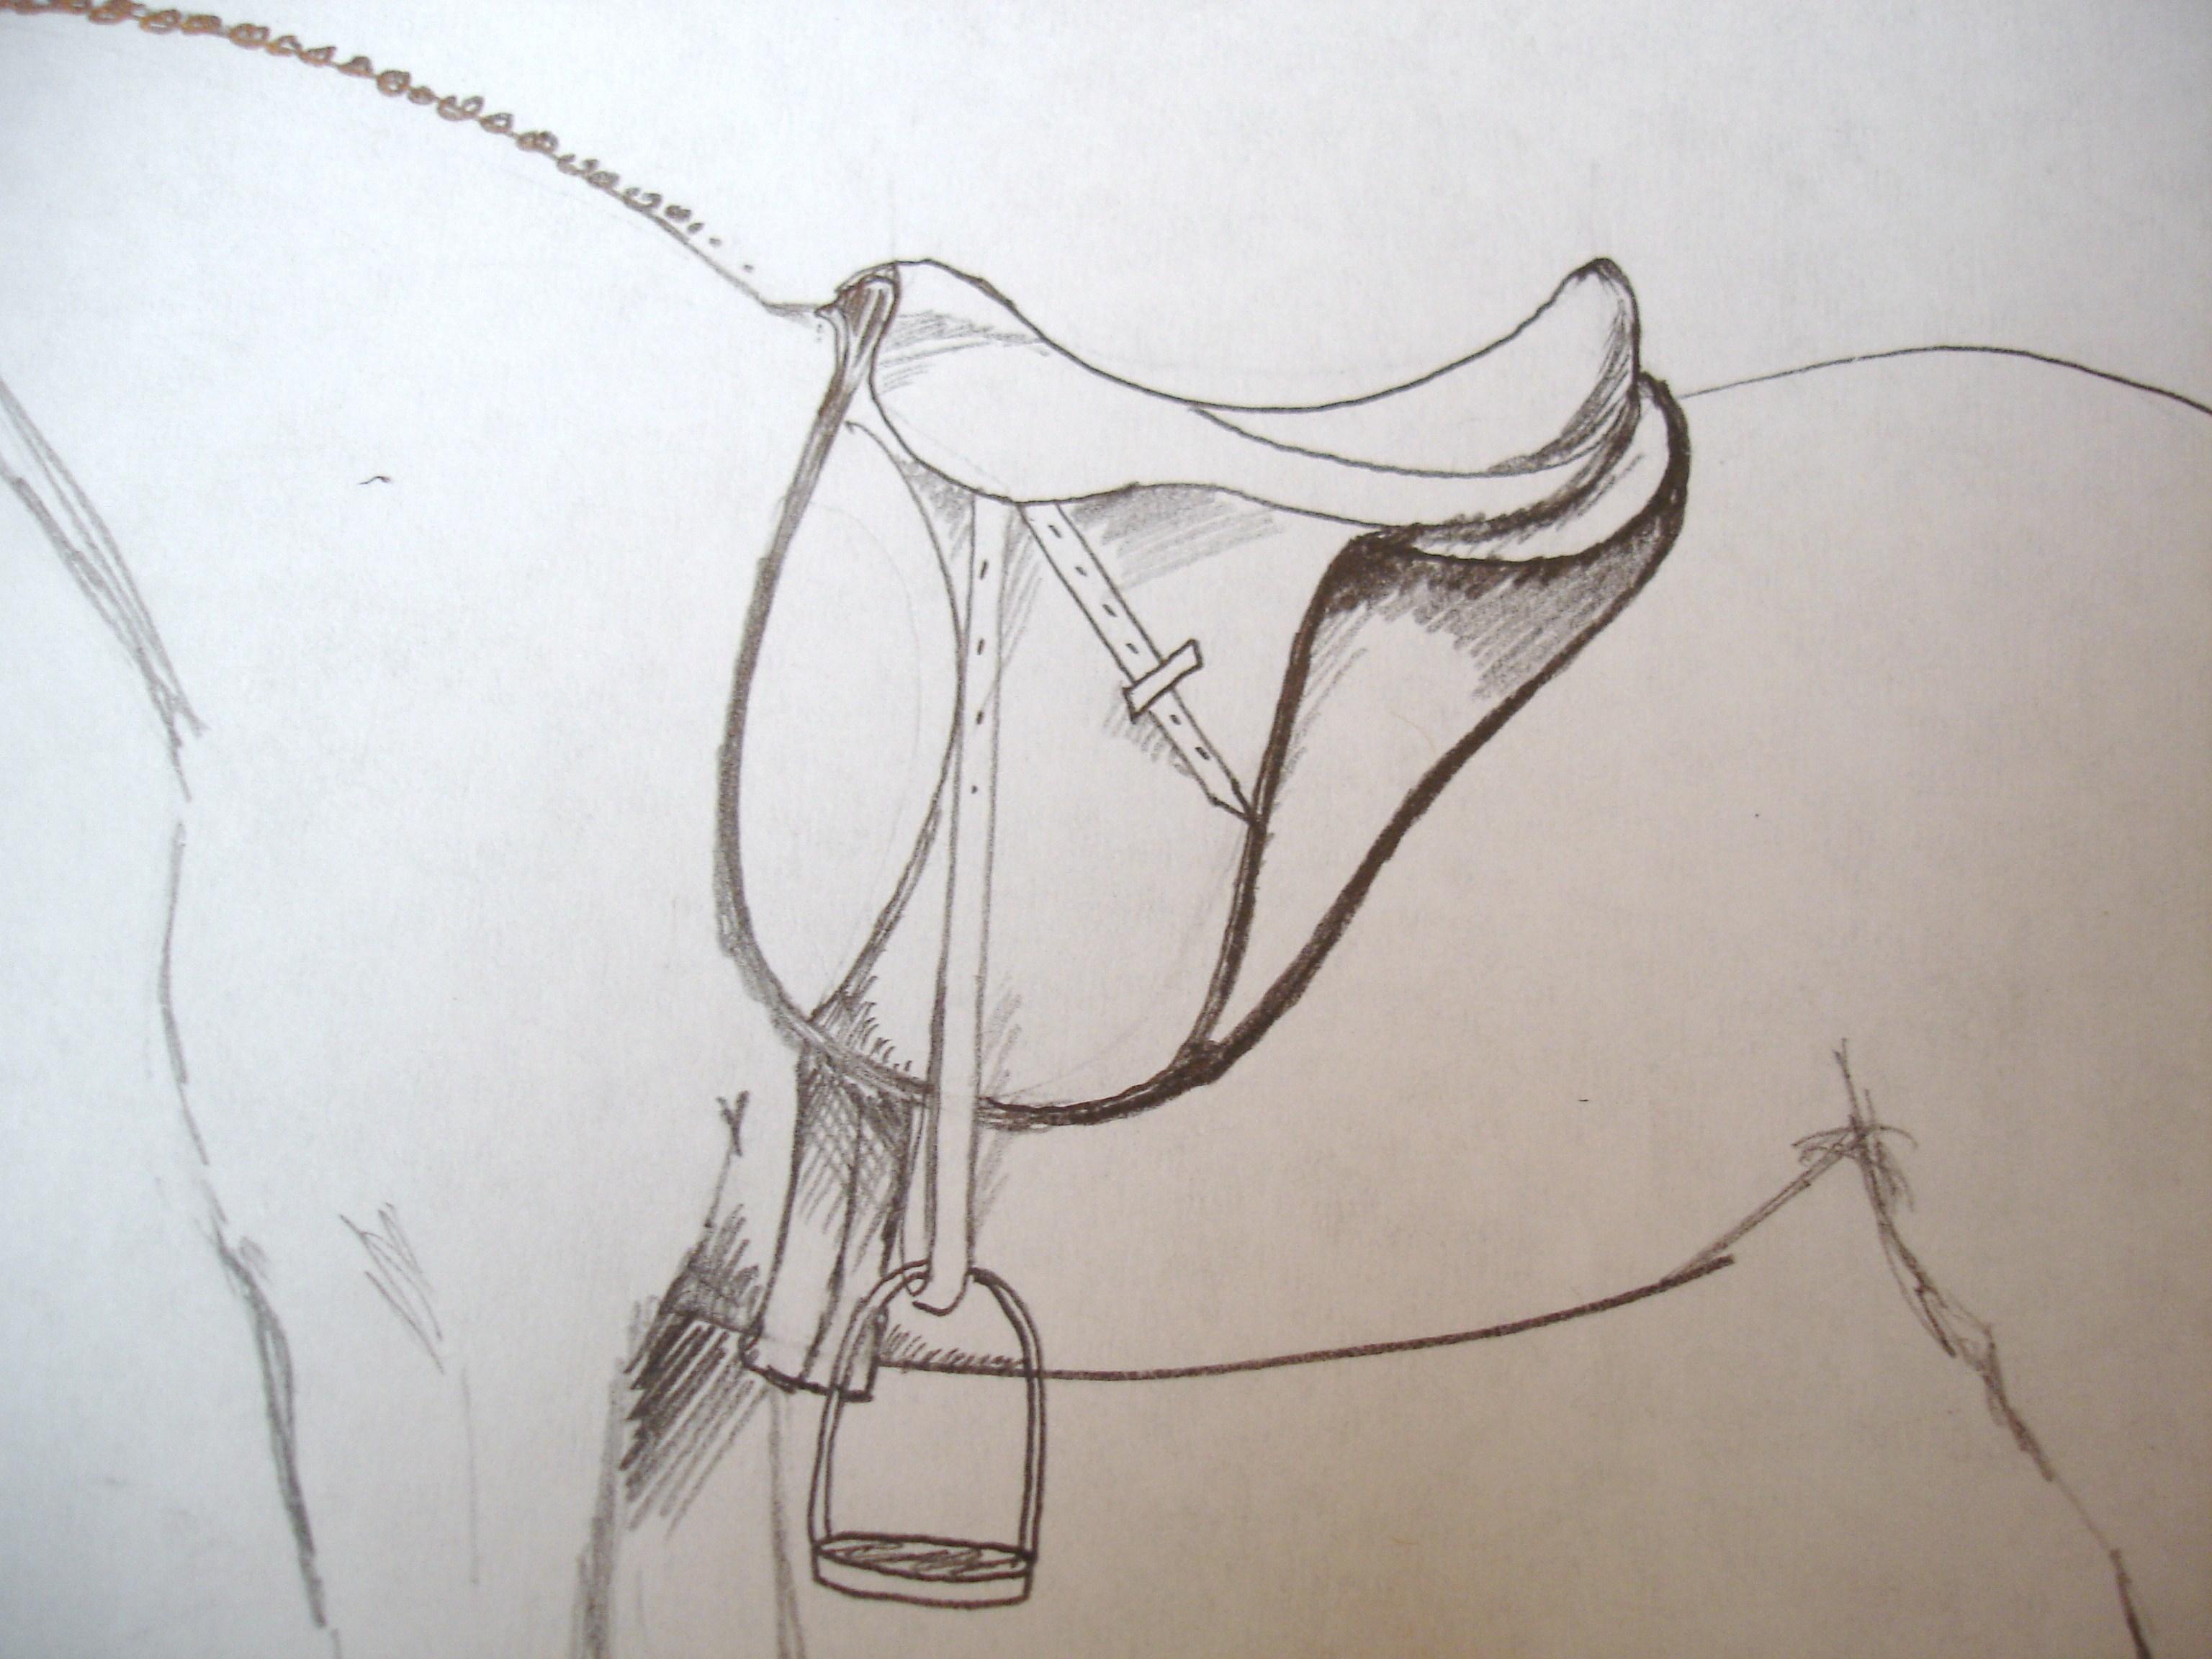 como desenhar uma sela em um cavalo